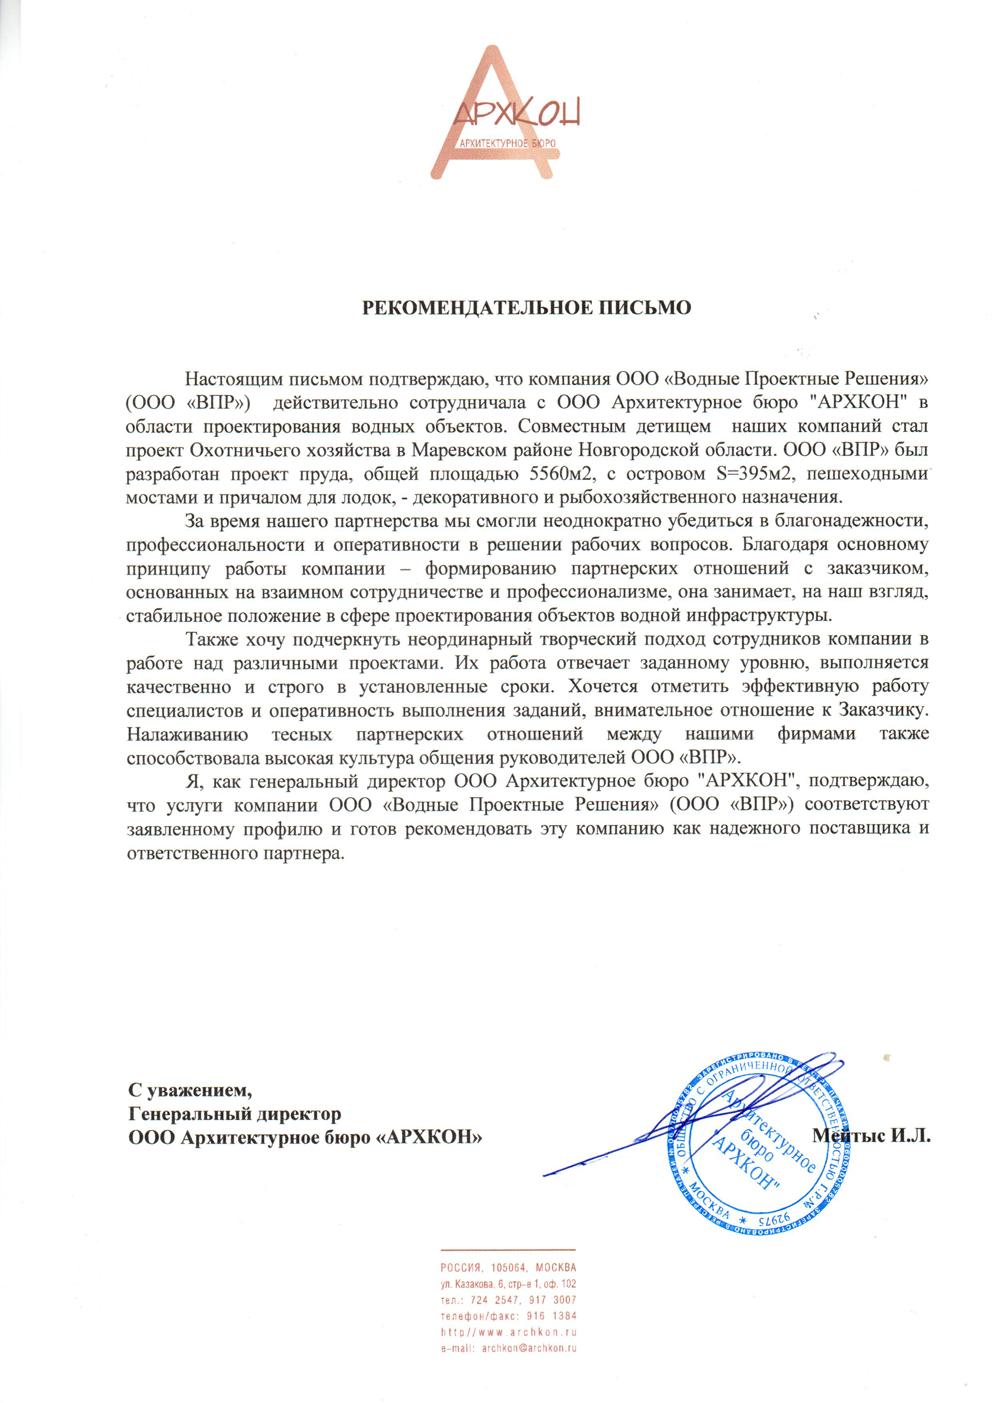 Отзыв АРХКОН о компании ВПР